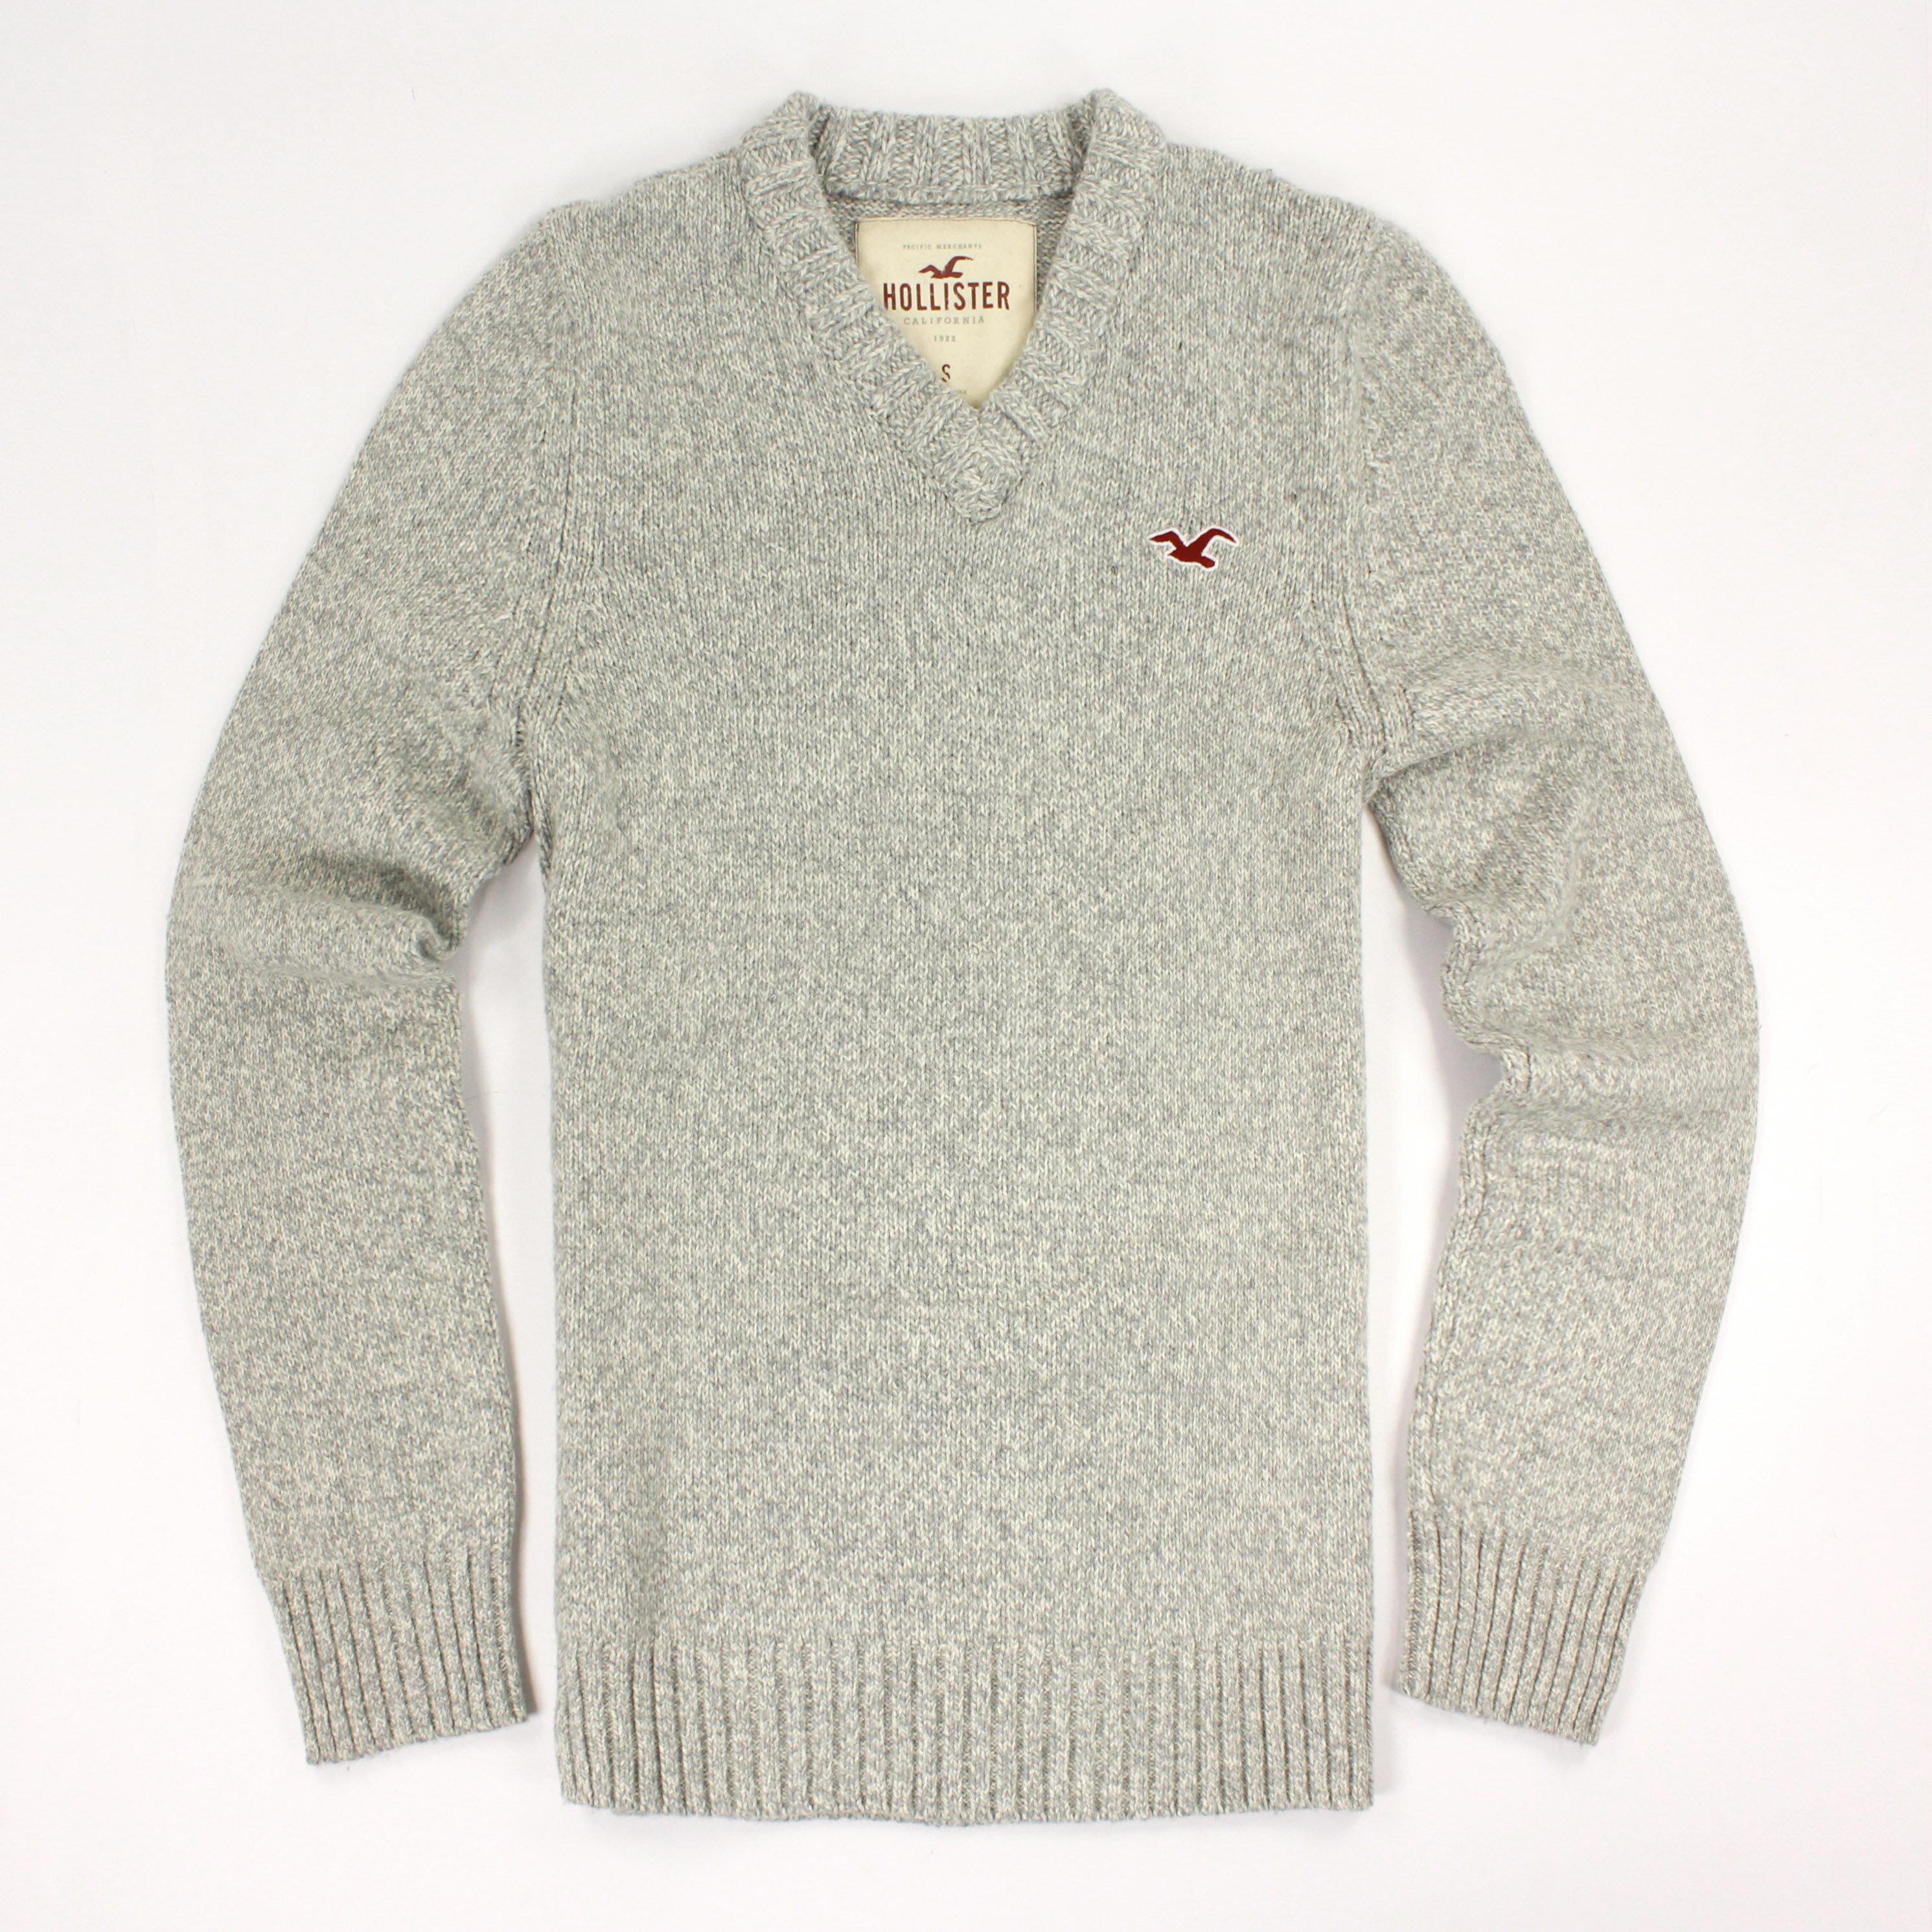 美國百分百【全新真品】Hollister Co. HCO 海鷗 V領 淺灰 素面 毛衣 針織衫 線衫 S號 C409